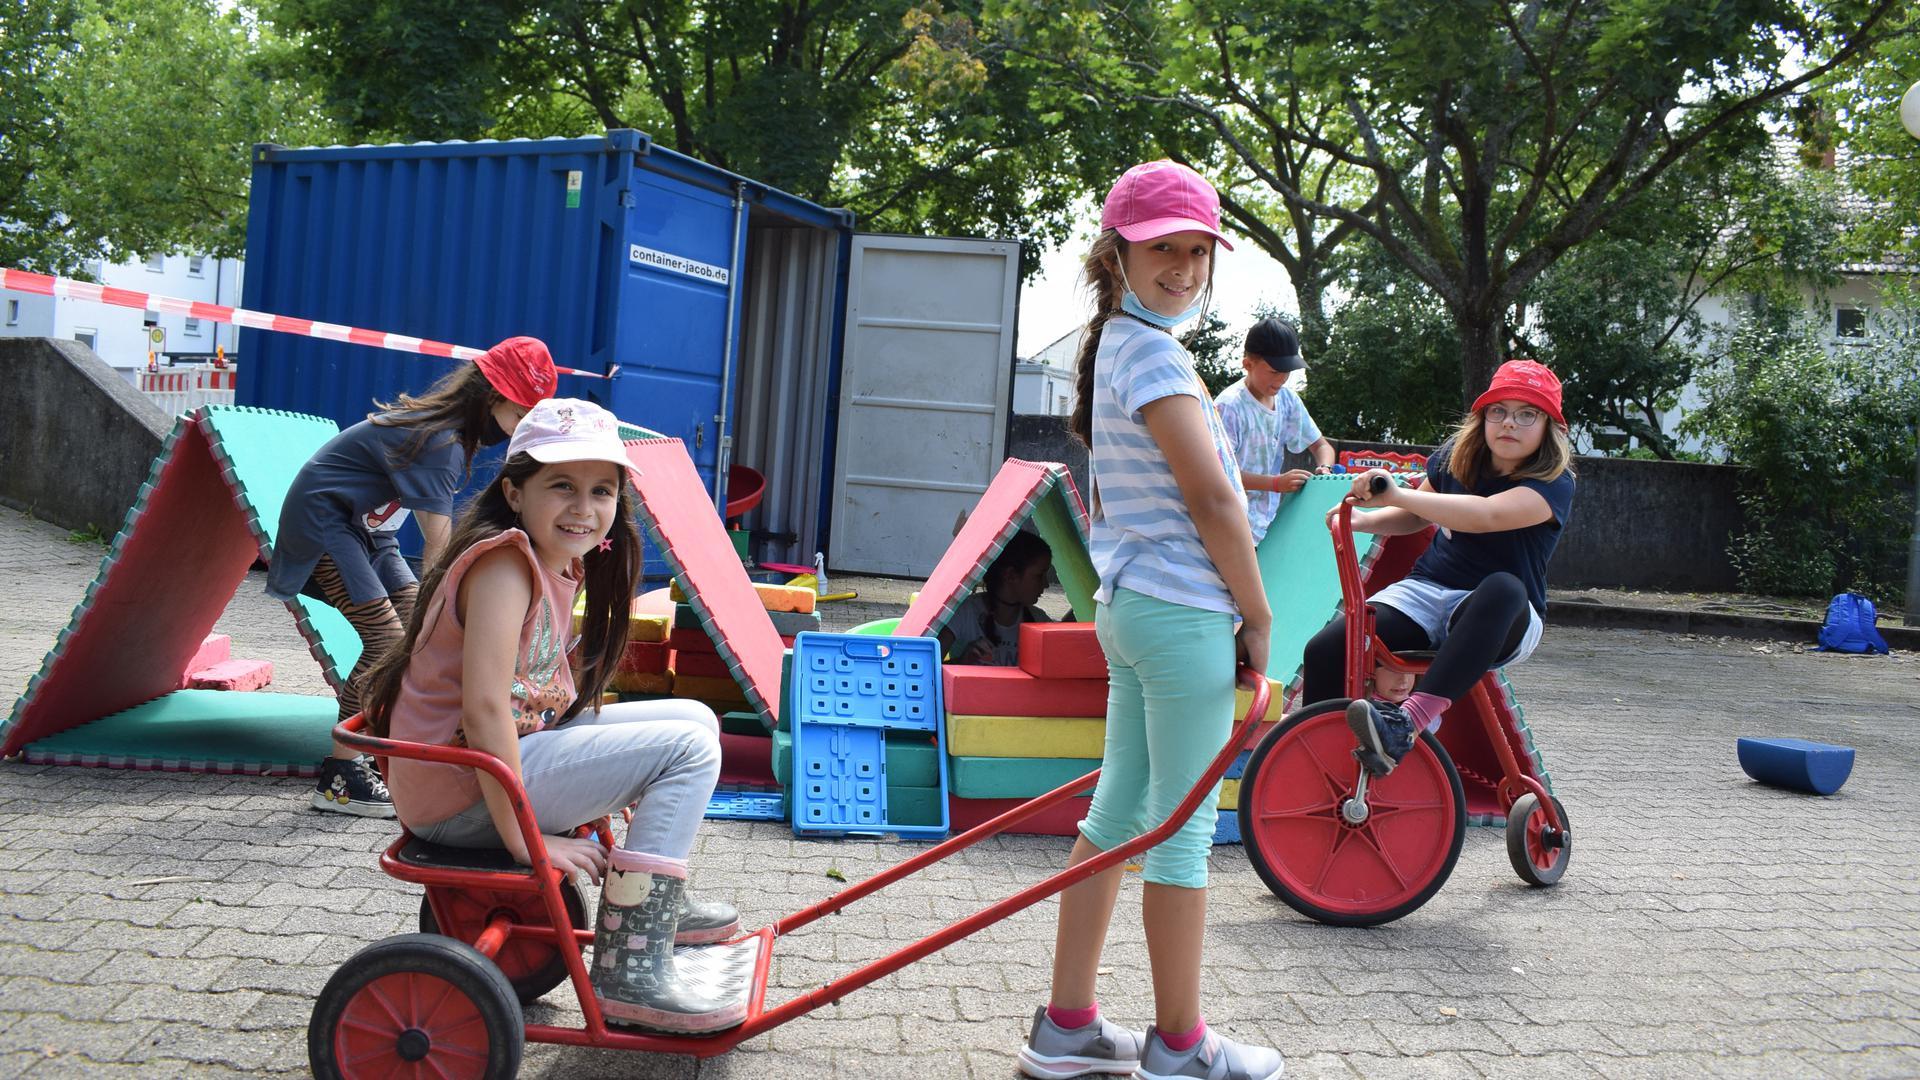 Mit der Rikscha über den Schulhof: Zwei Mädchen haben sichtlich Spaß bei der Stadtranderholung in Rheinstetten.